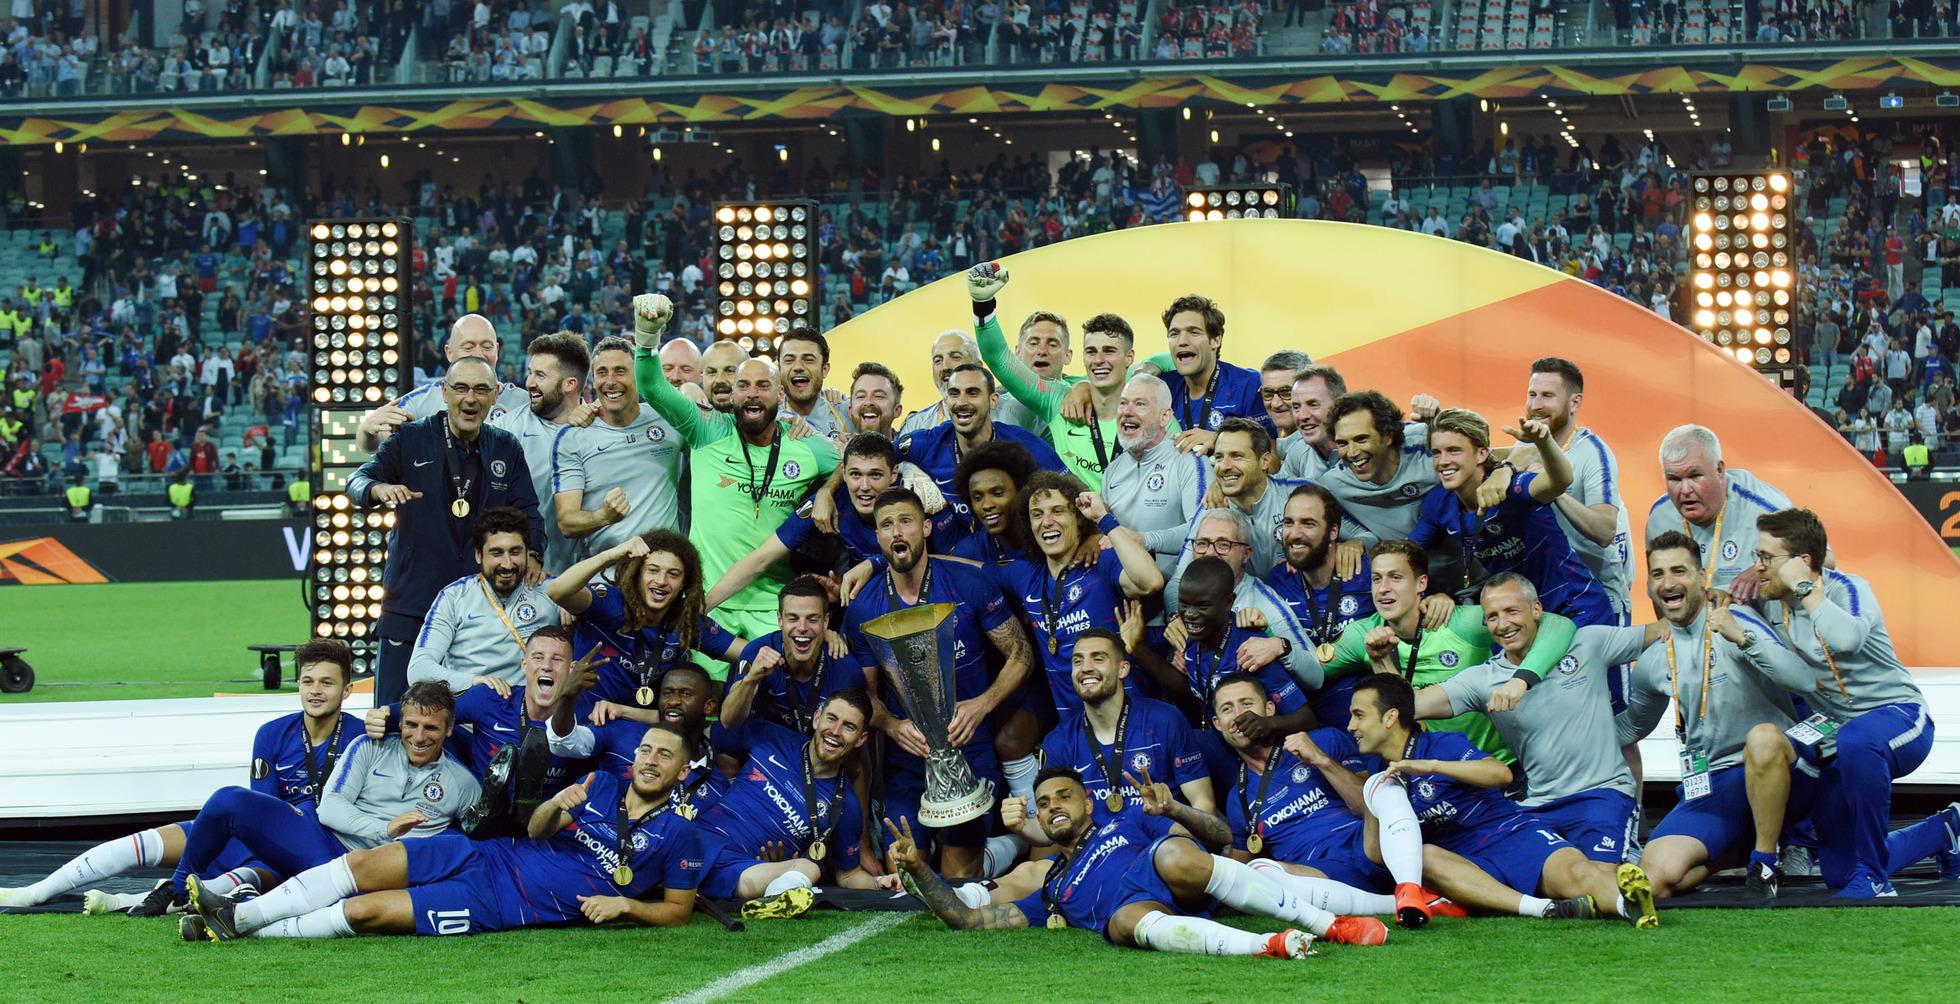 Calendario Coppa Uefa 2020.Uefa Europa League 2018 2019 Wikipedia